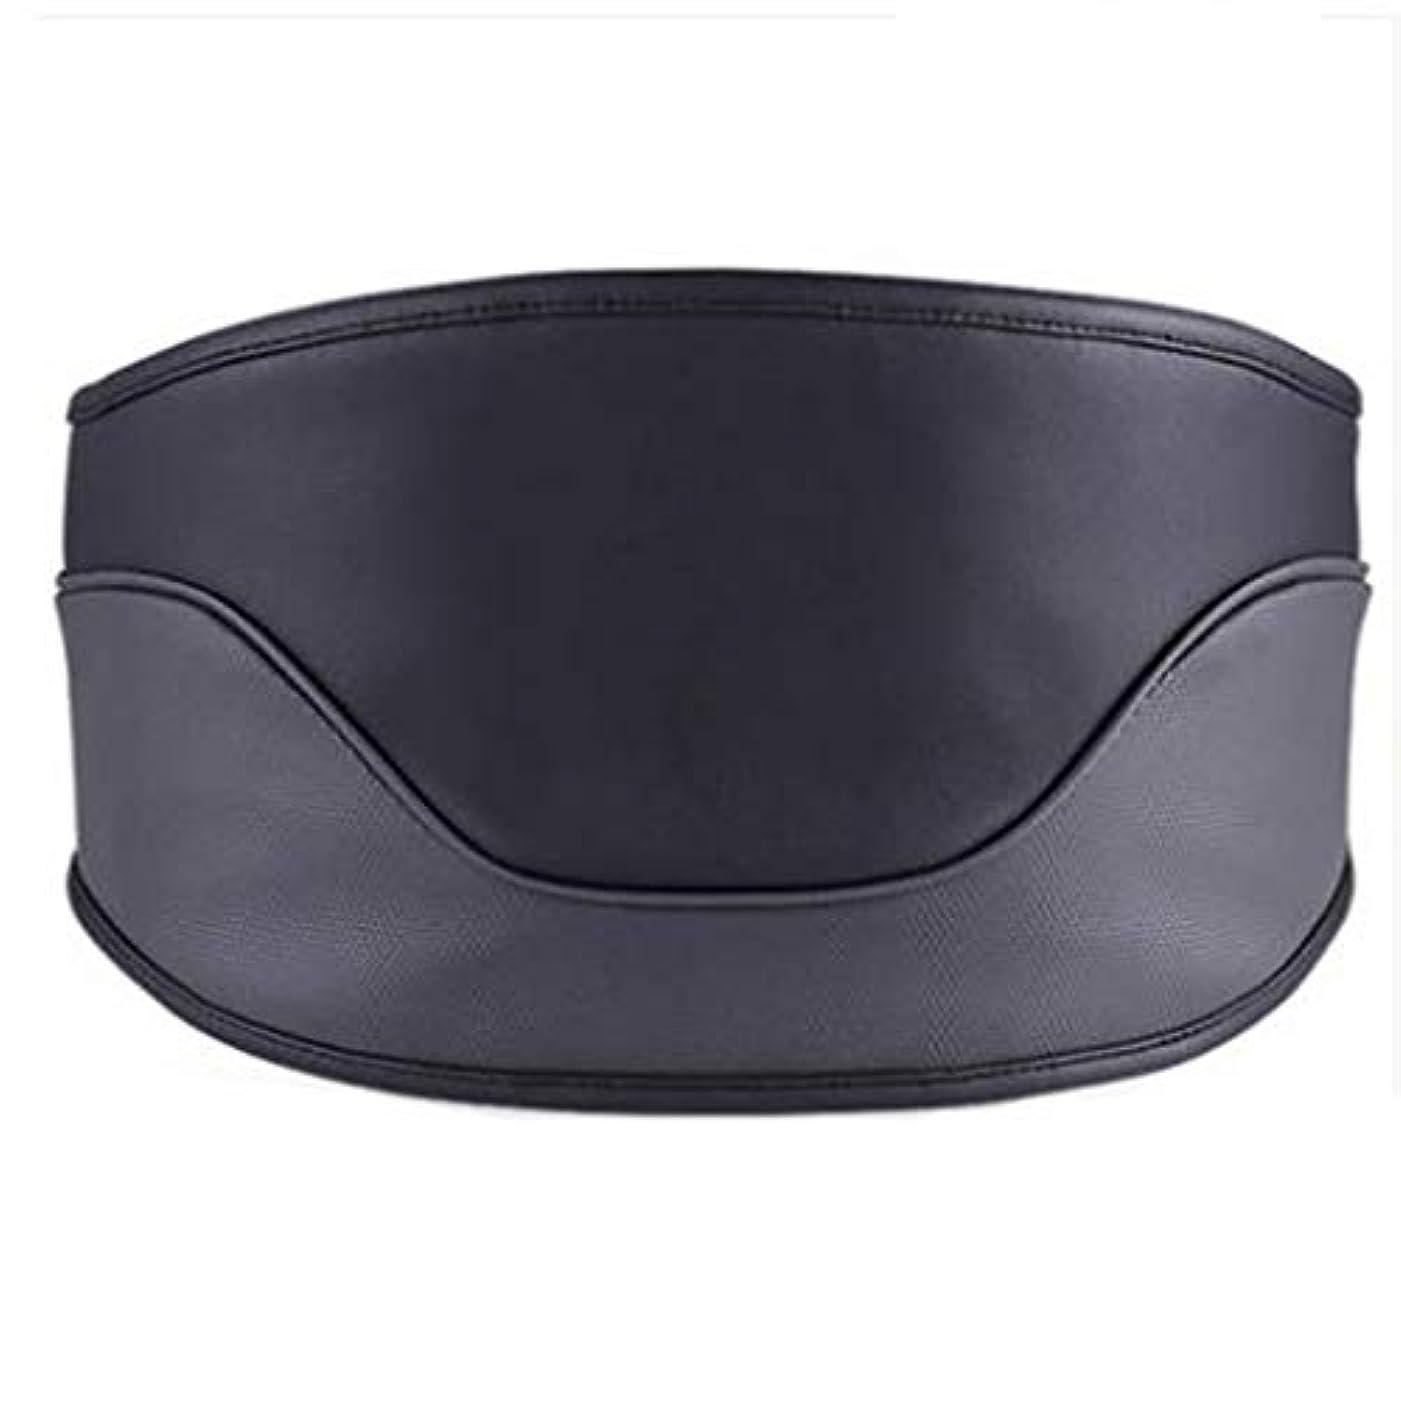 成功ある不快なマッサージャー マッサージャーウエストマッサージャー首肩全身ホーム腰椎マッサージャー電気暖房付き多機能成人理学療法ギフトホームオフィスカー (Color : Black, Size : M)